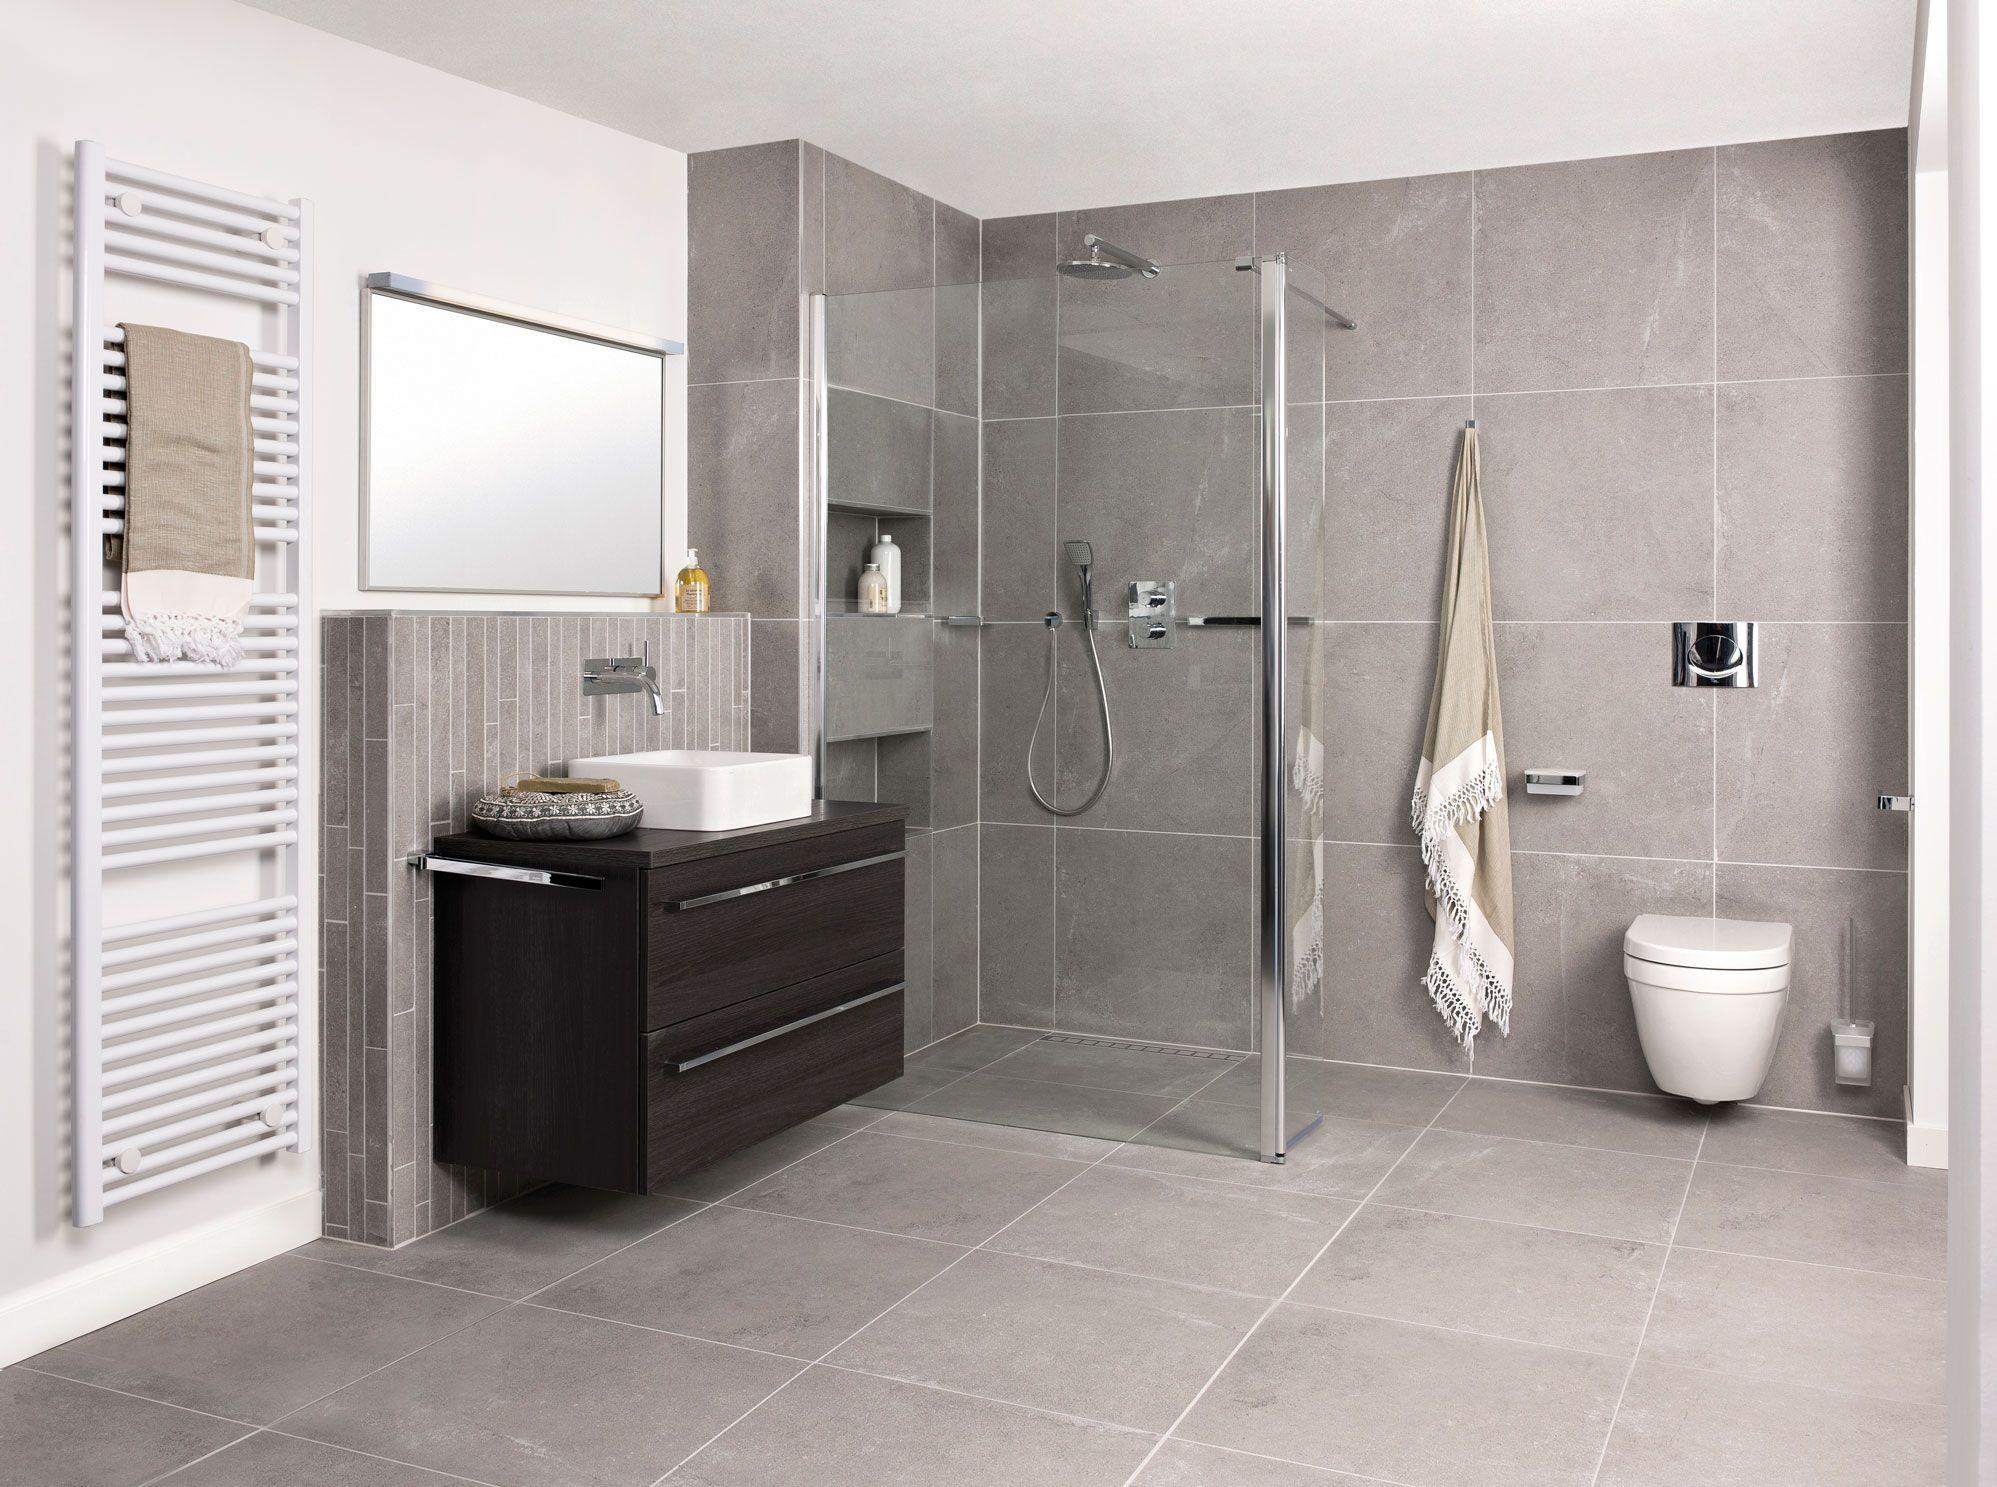 volledige ontspanning in badkamer orion met een hamamuitstraling